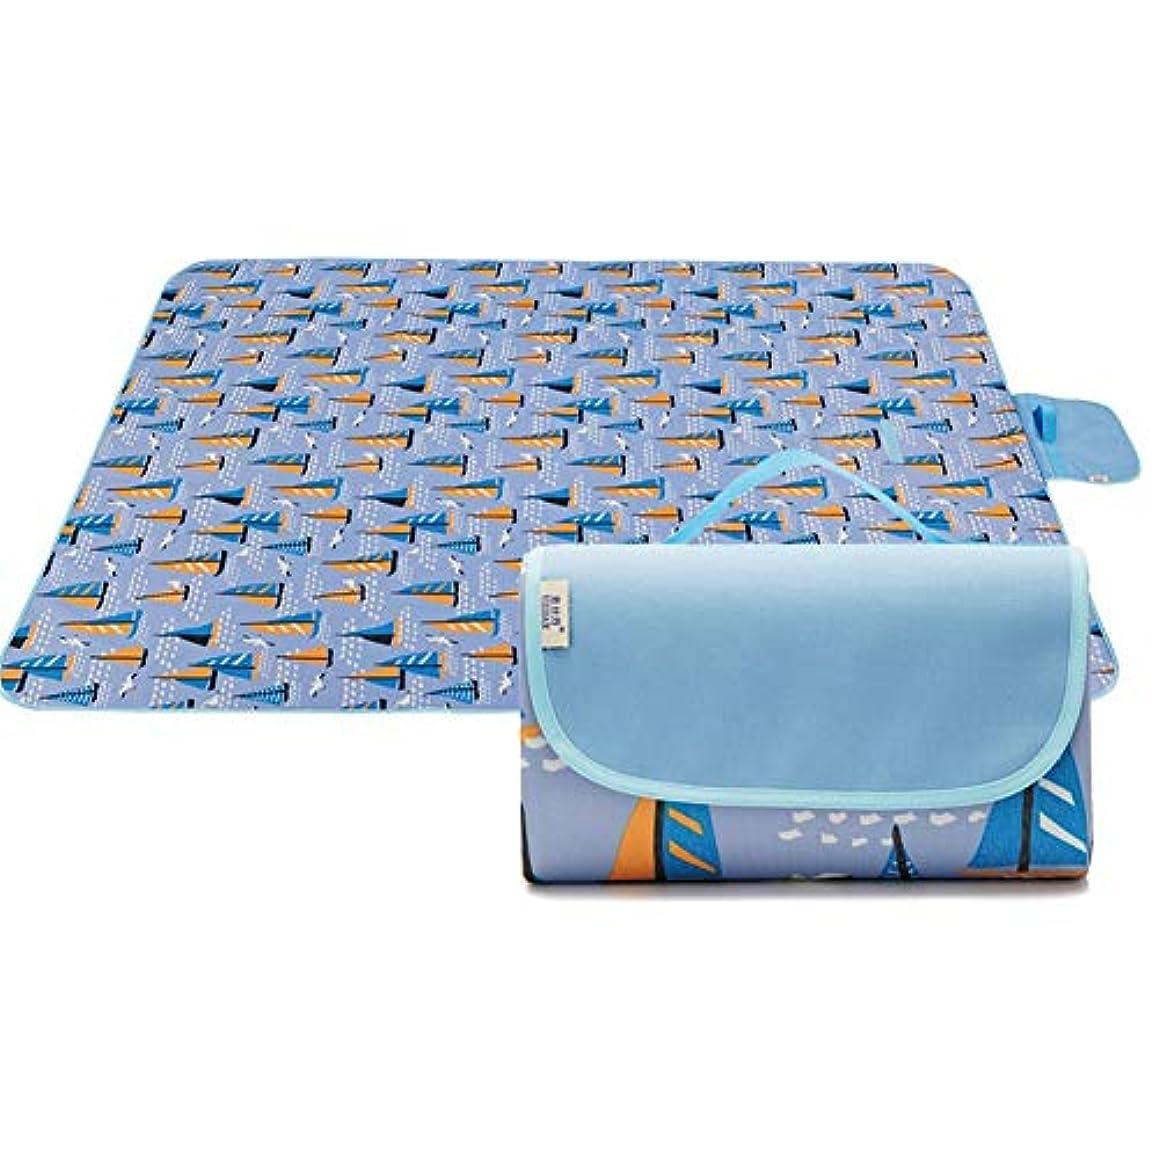 誰でも自明知覚するレジャーシートピクニックマット キャンプテントマットカーペット防湿パッドポータブル防水防水旅行キャンプハイキング4色2サイズオックスフォード布 (Color : A, Size : 145X180CM)